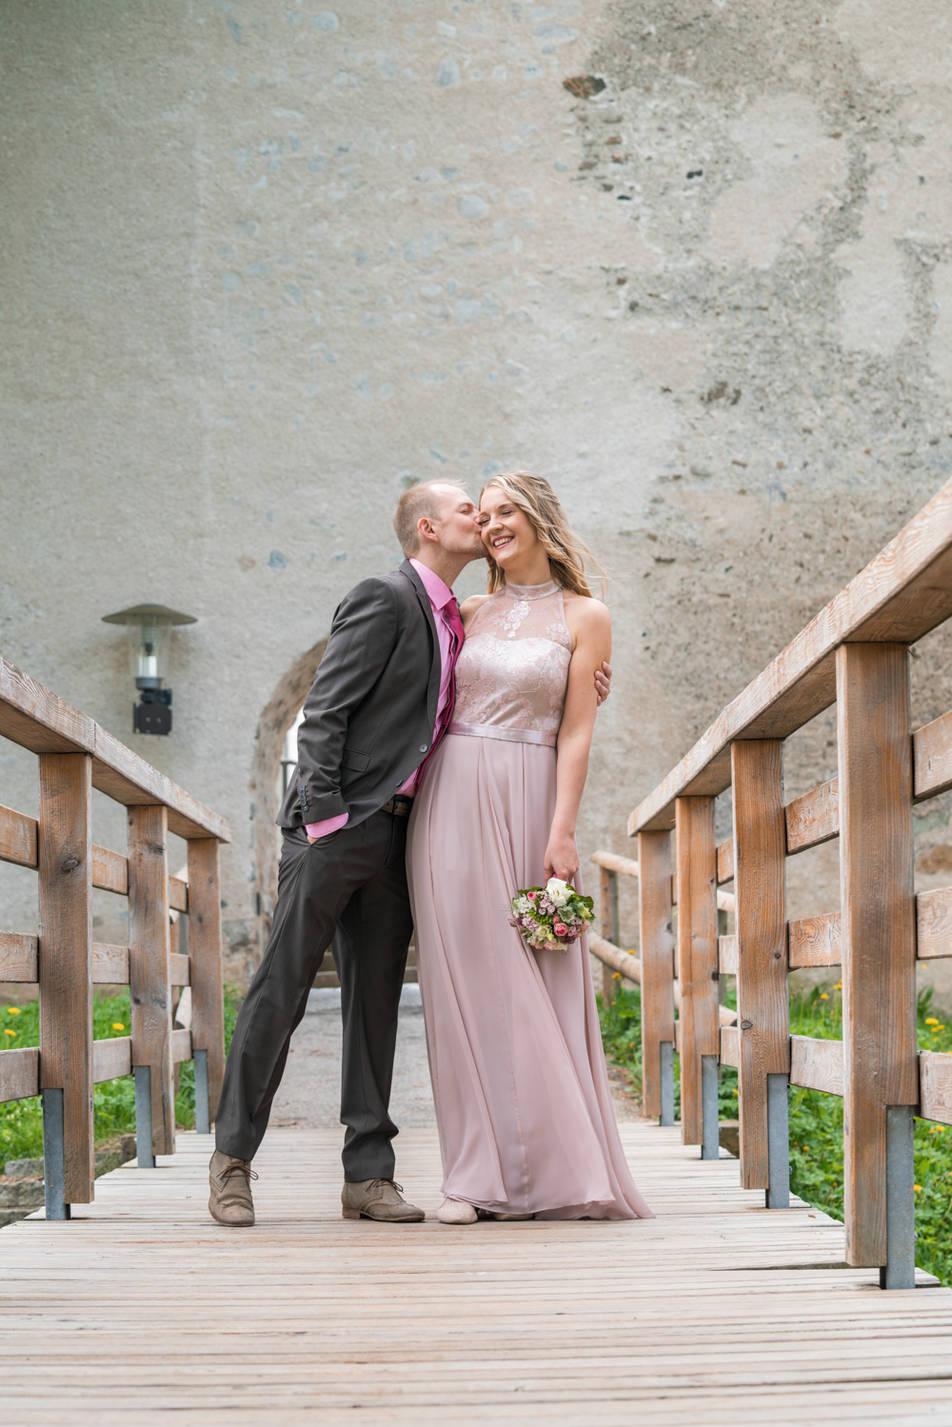 010-PhotoArt_Hochzeit.jpg